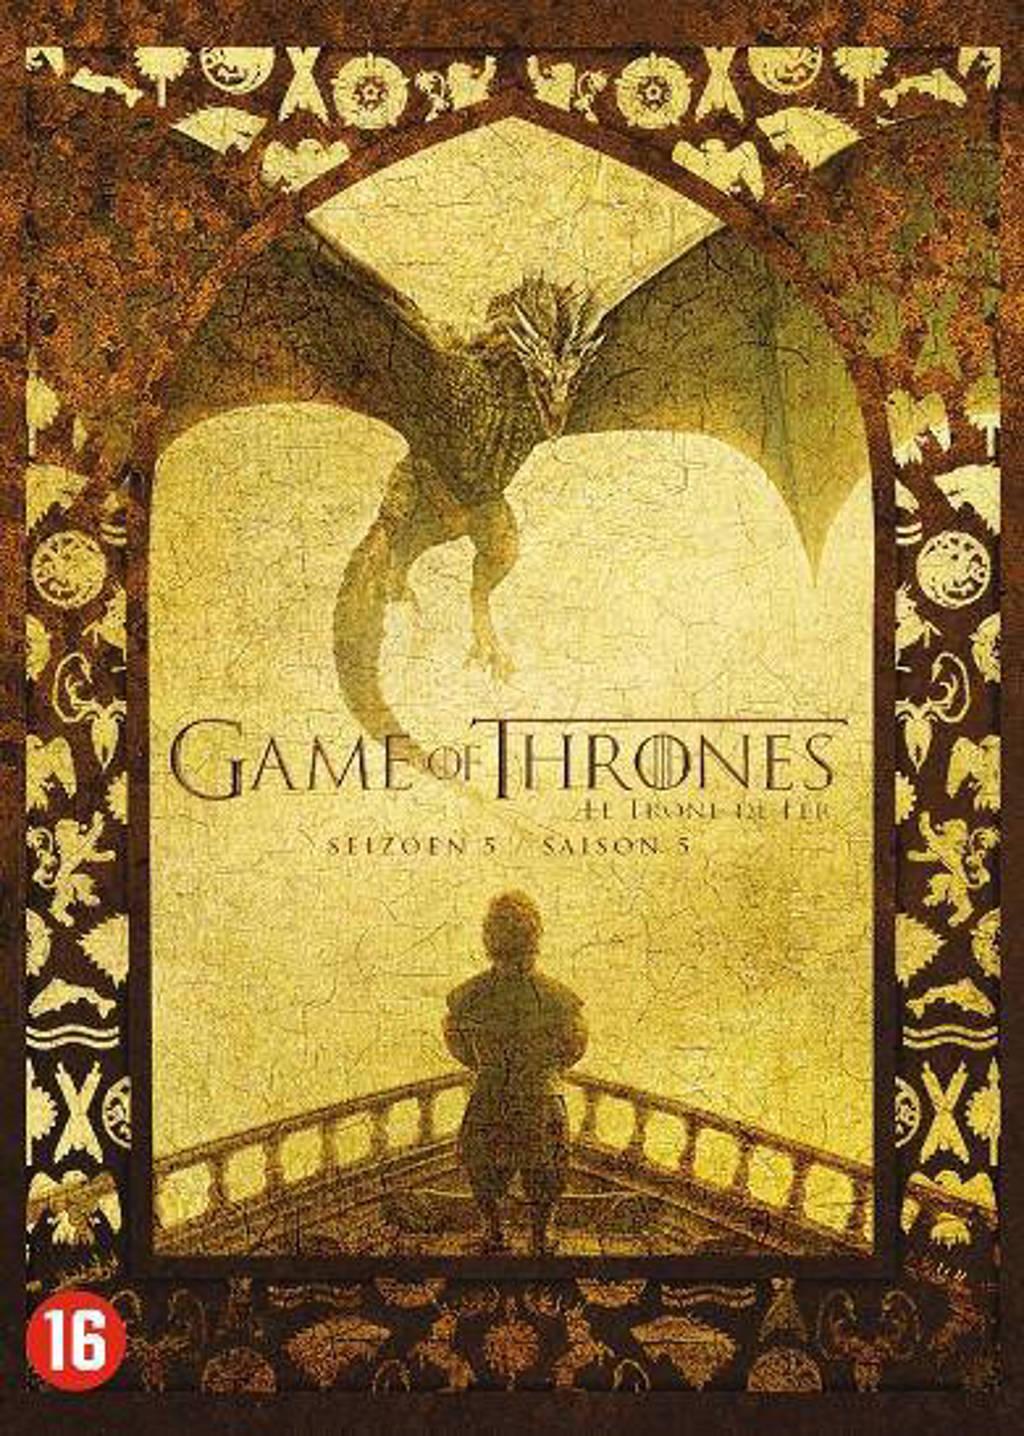 Game of thrones - Seizoen 5 (DVD)